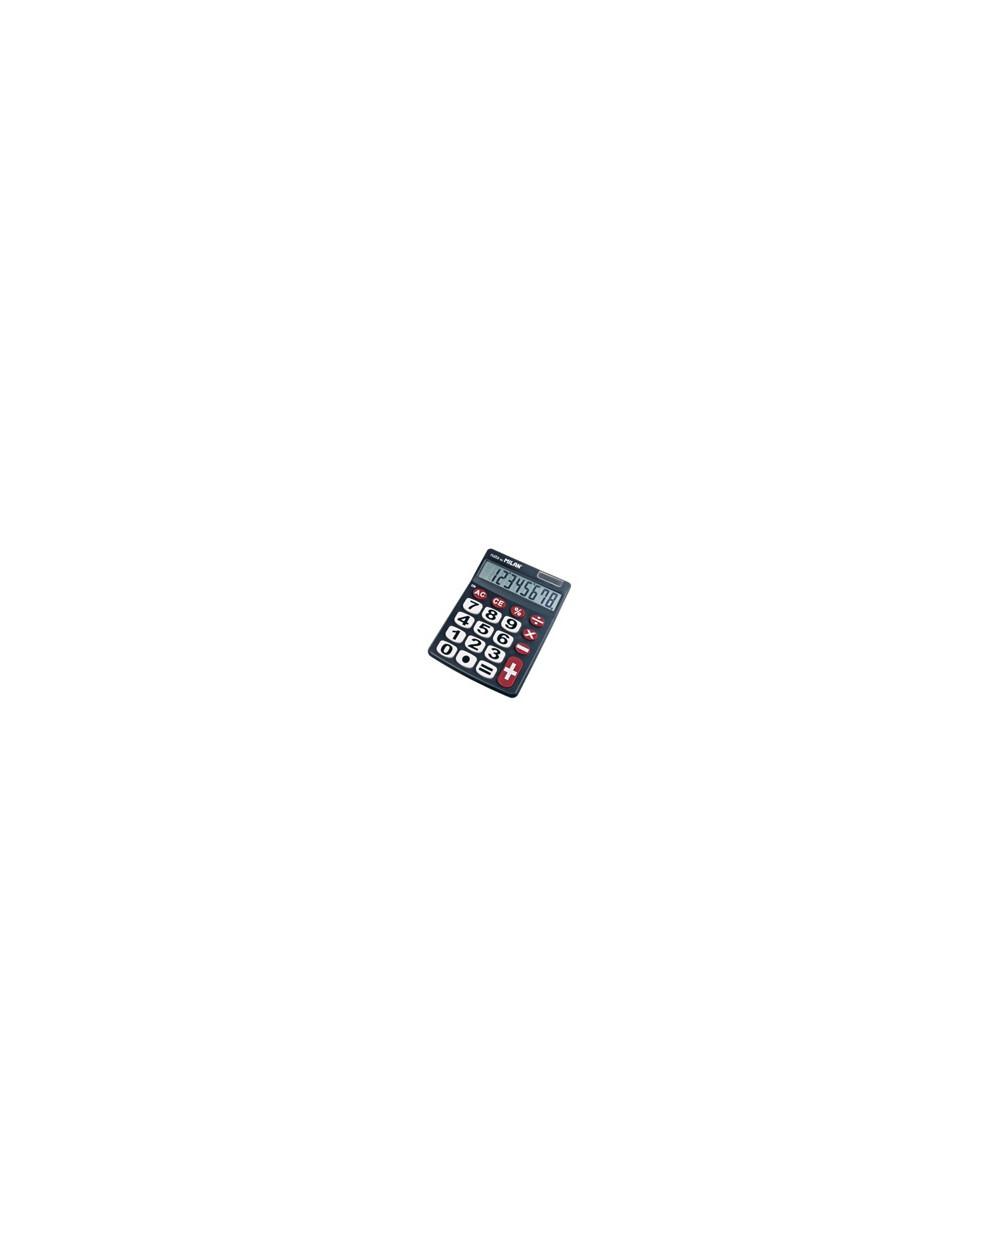 Калкулатор MILAN, 8 разр., 142x105x24 мм, големи бутони